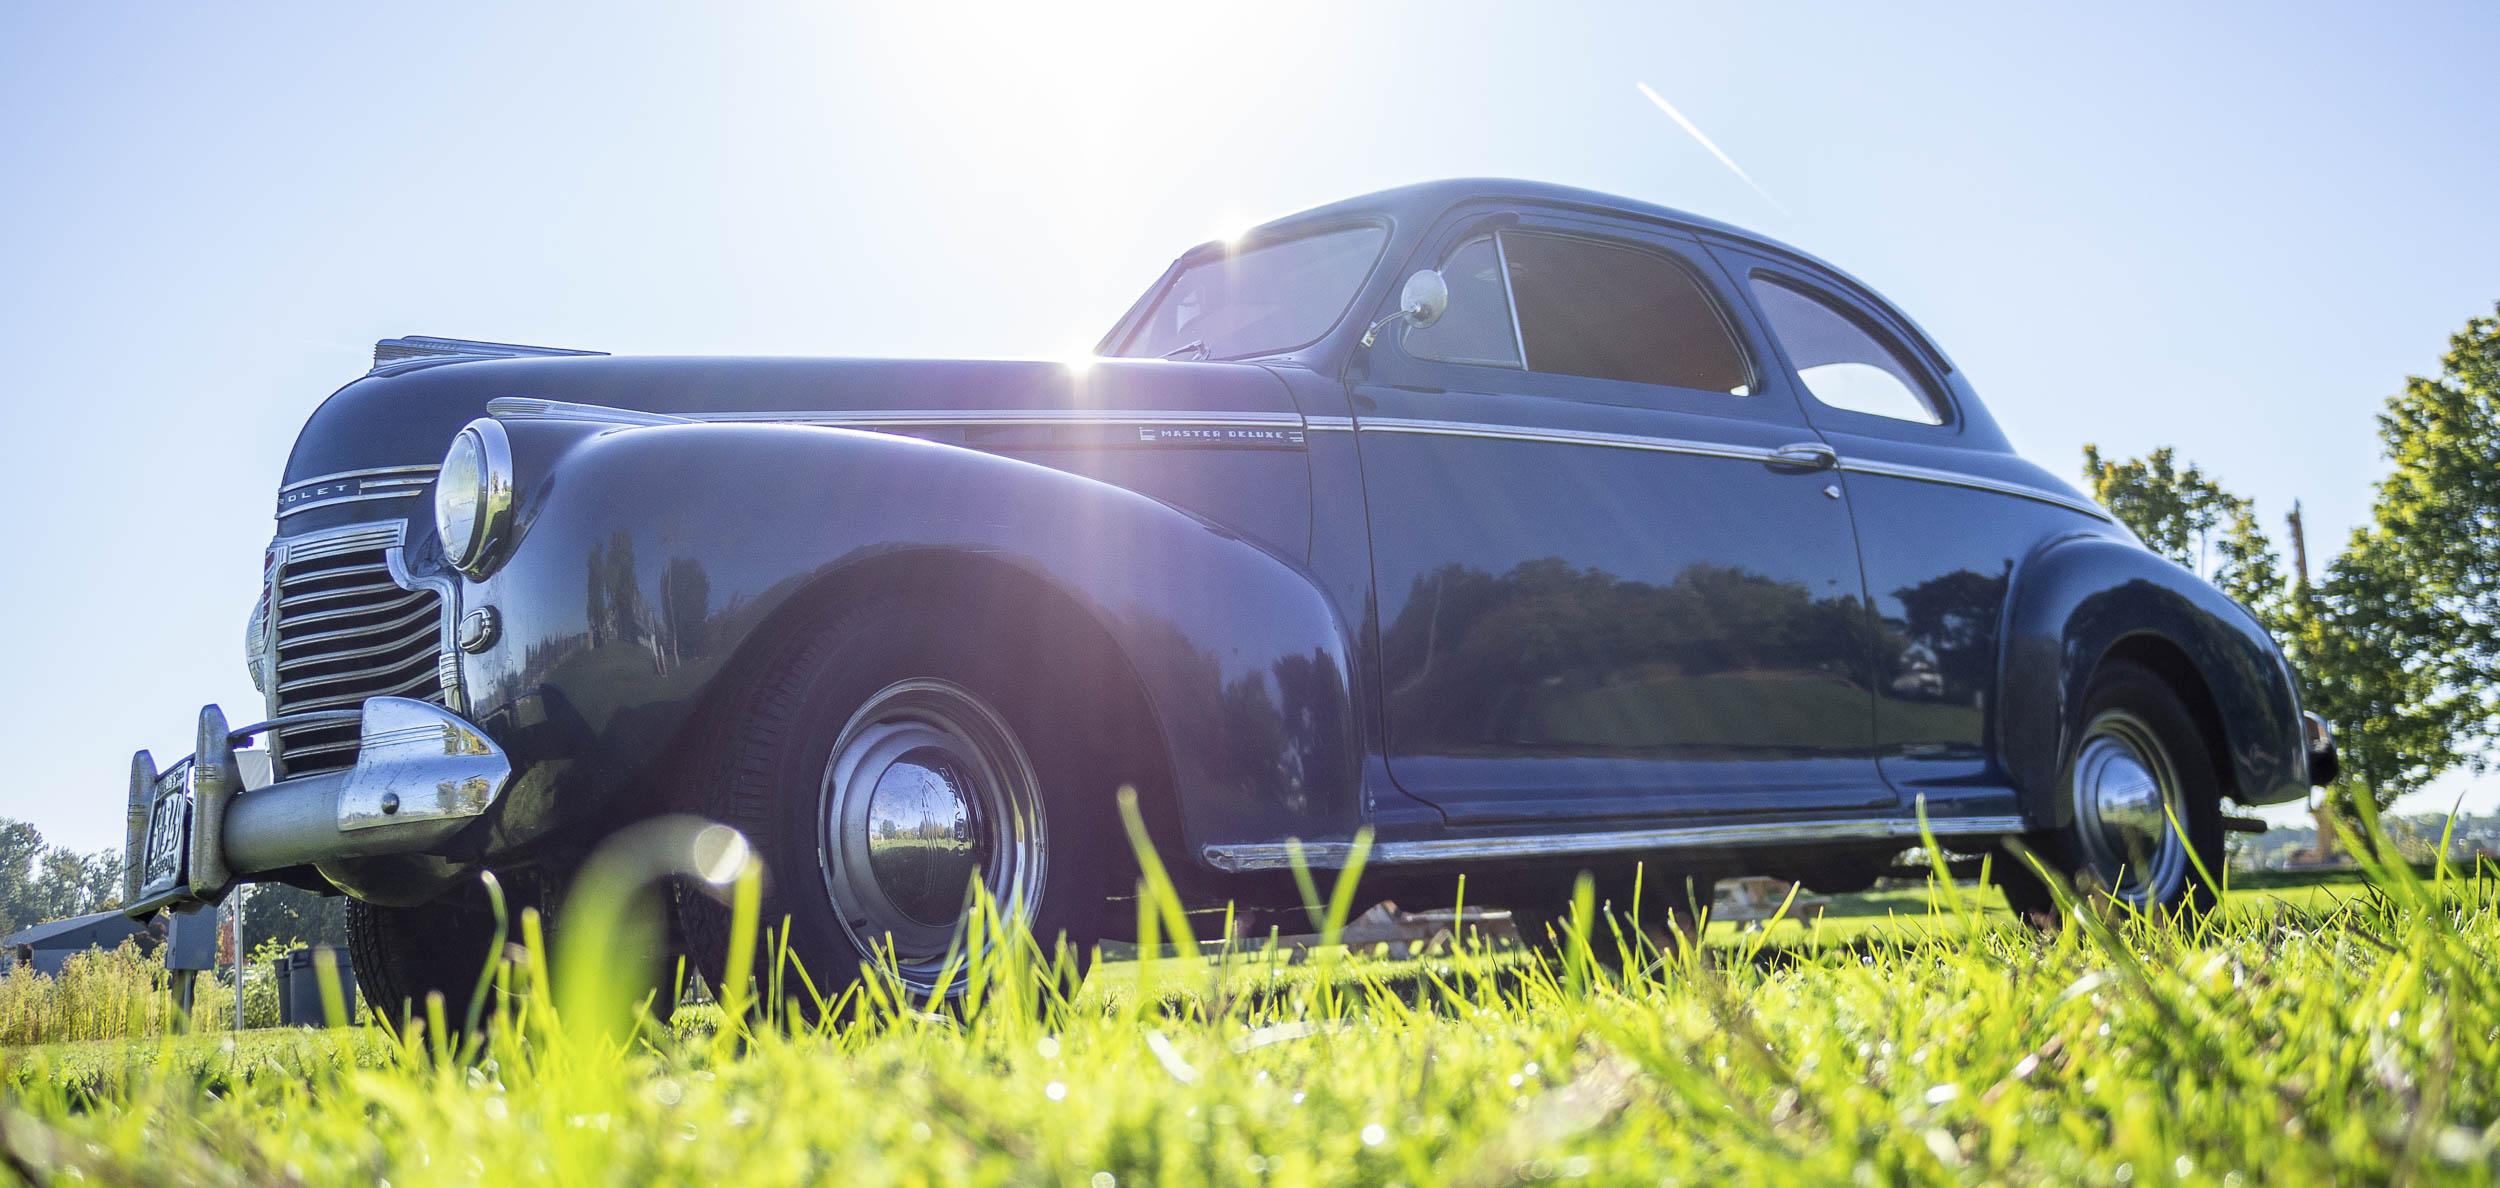 1941 Chevrolet Master Deluxe low